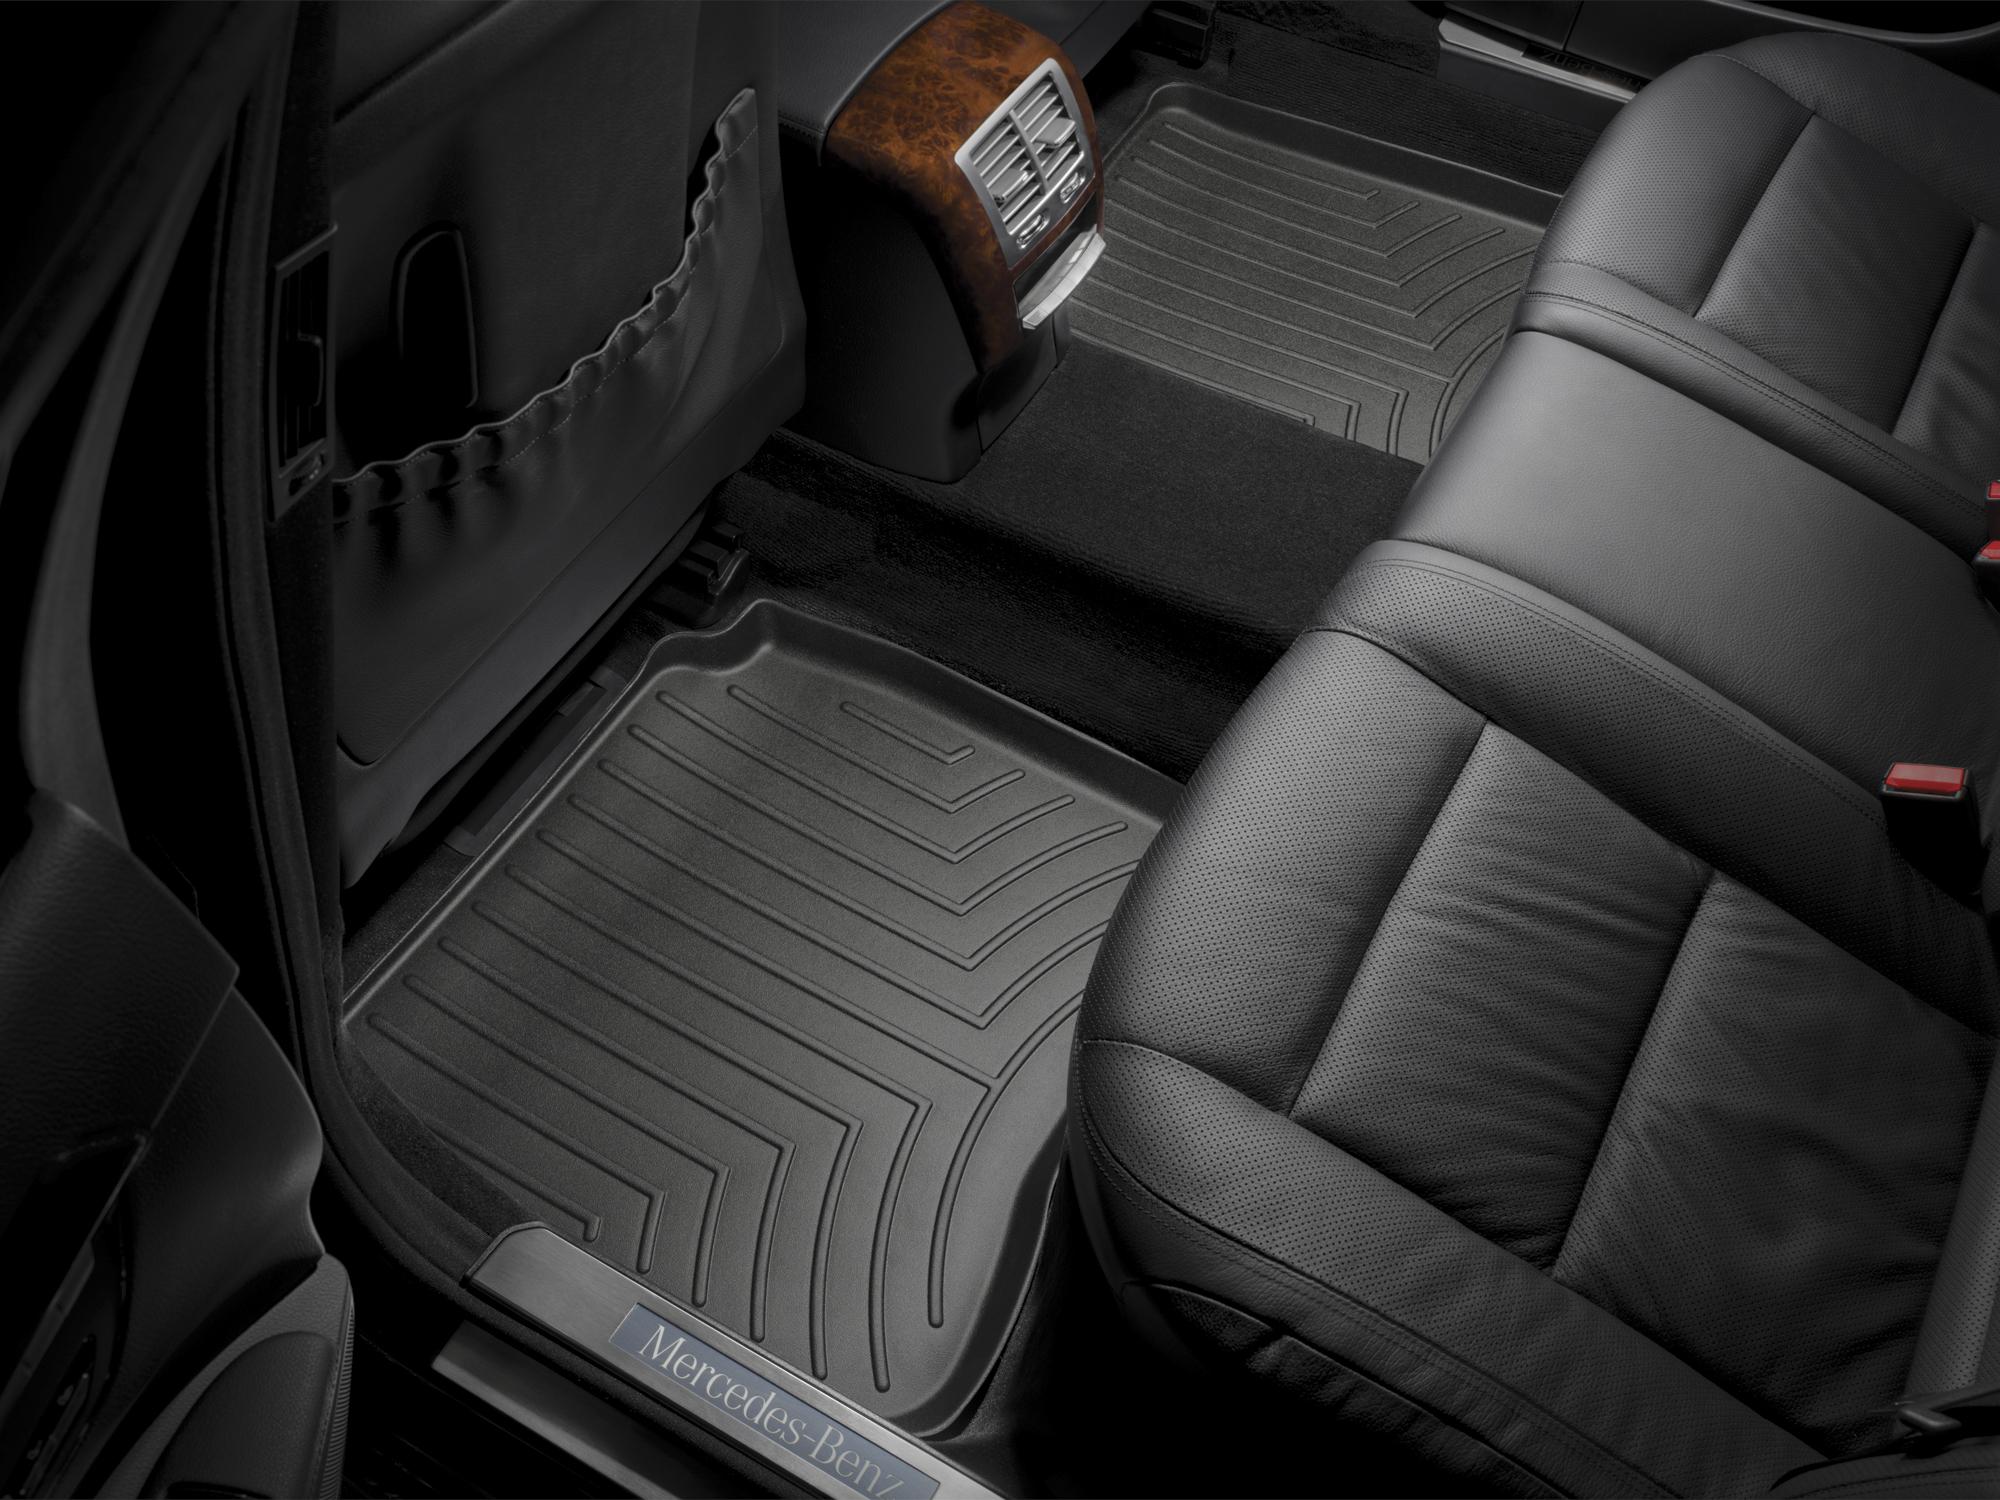 Tappeti gomma su misura bordo alto Mercedes S-Class 06>12 Nero A2562